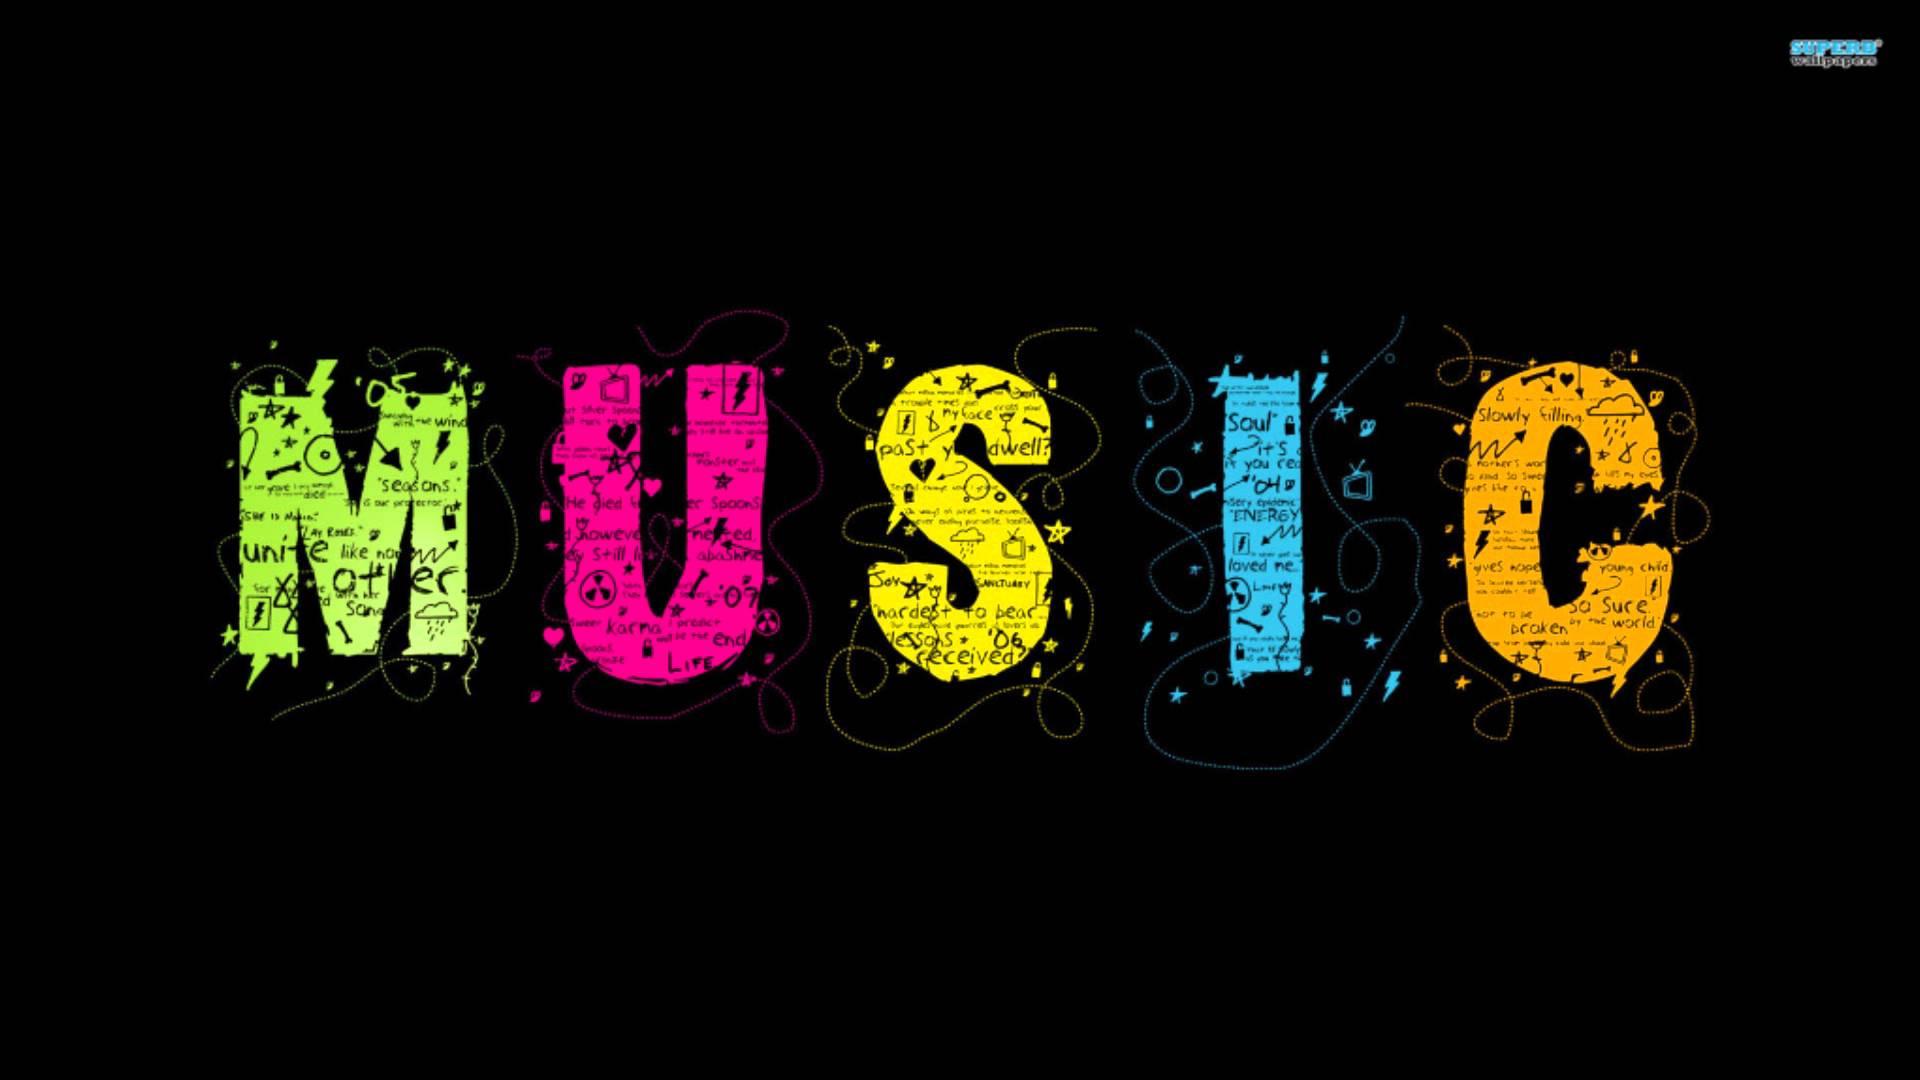 Free Music Wallpaper Images - WallpaperSafari